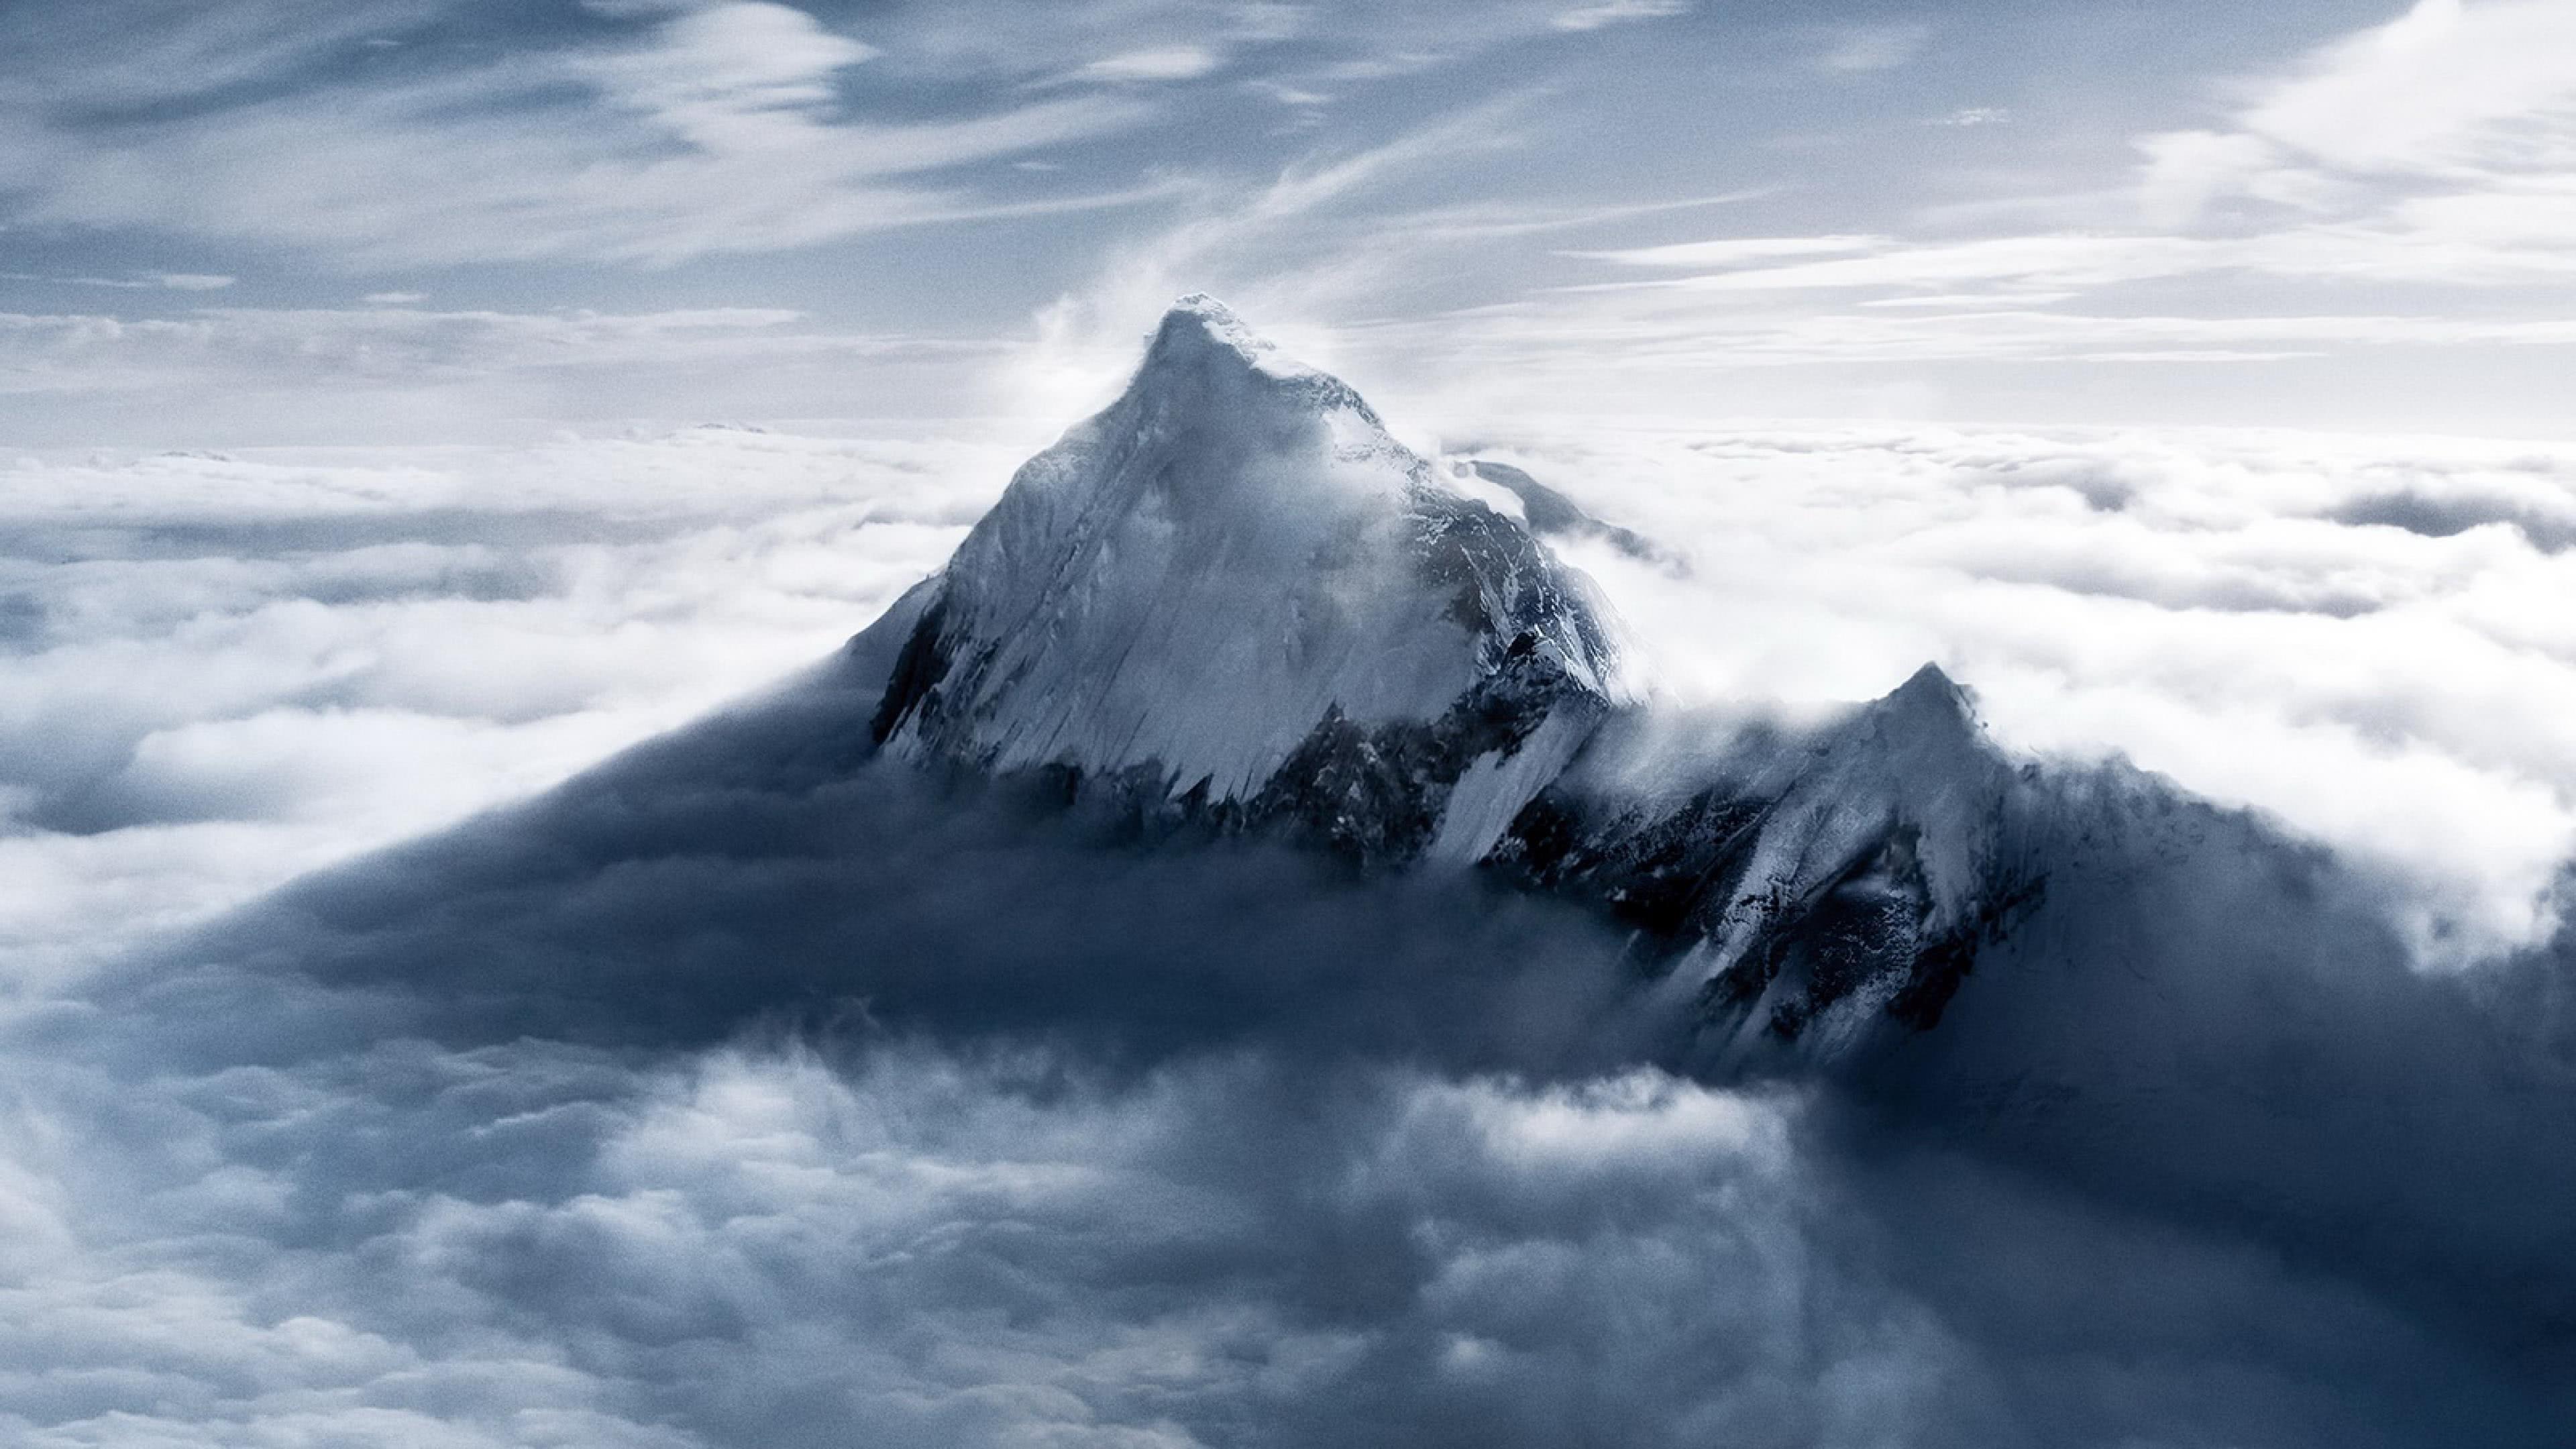 mount everest mahalangur mountain range himalayas nepal 4k wallpaper